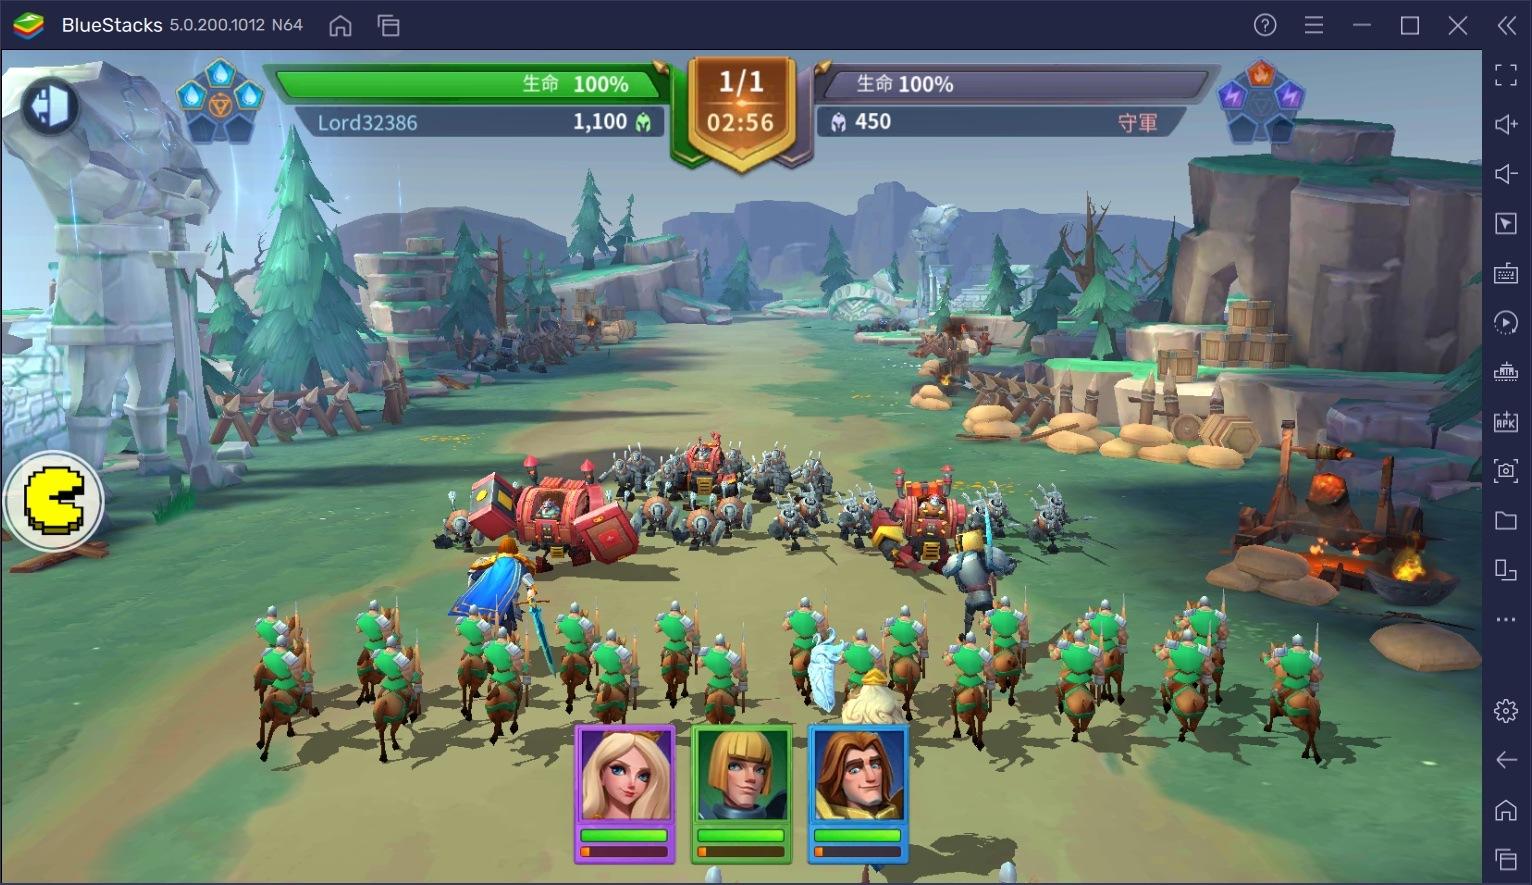 如何使用BlueStacks在電腦上玩手遊《無盡城戰》